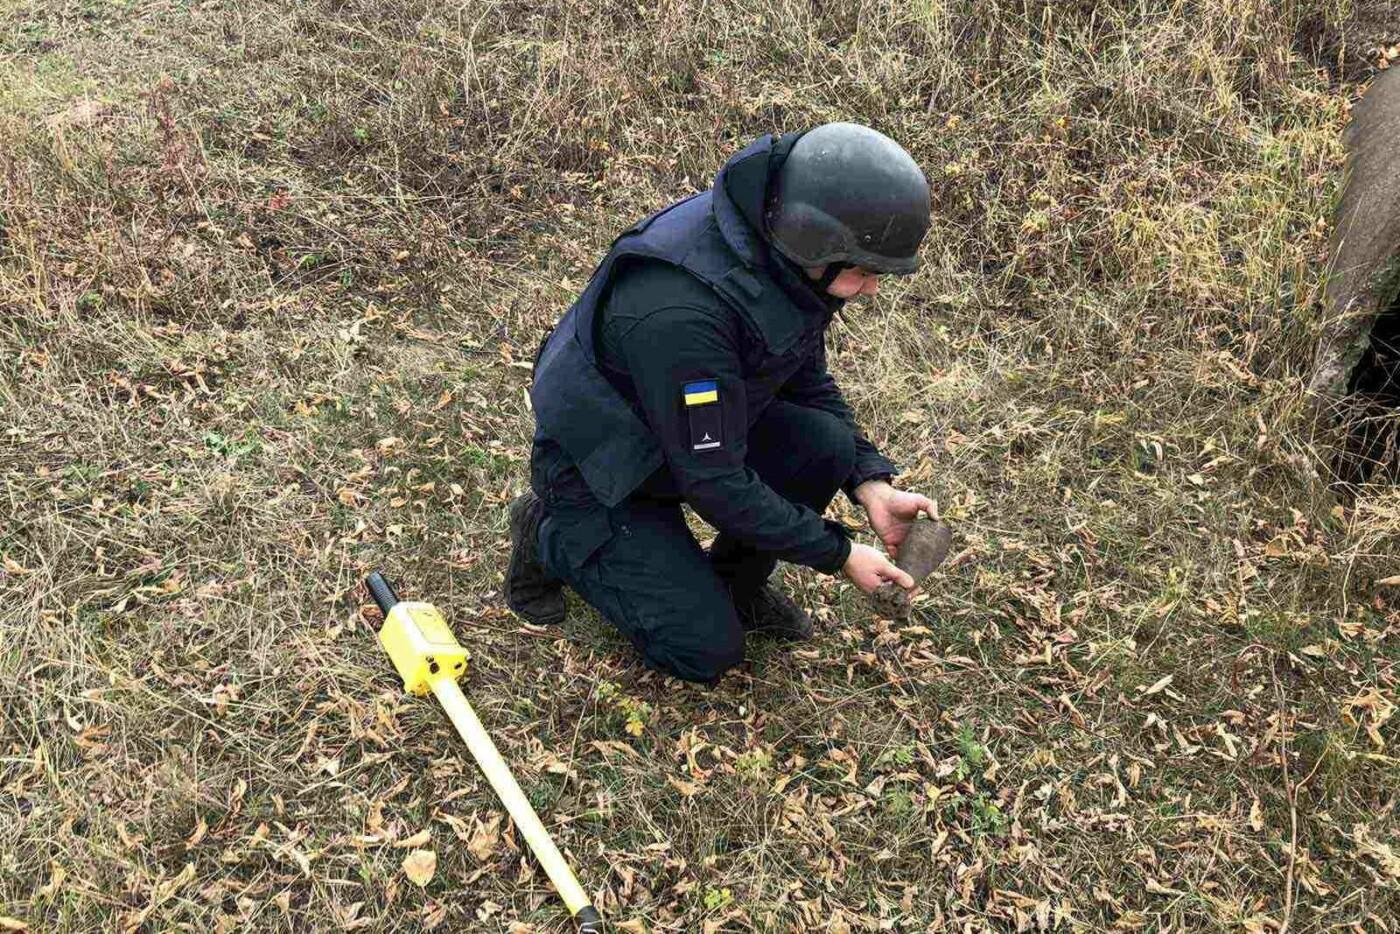 На Харьковщине бойцы ГСЧС обезвредили минометный снаряд, который нашли местные жители, - ФОТО, фото-1